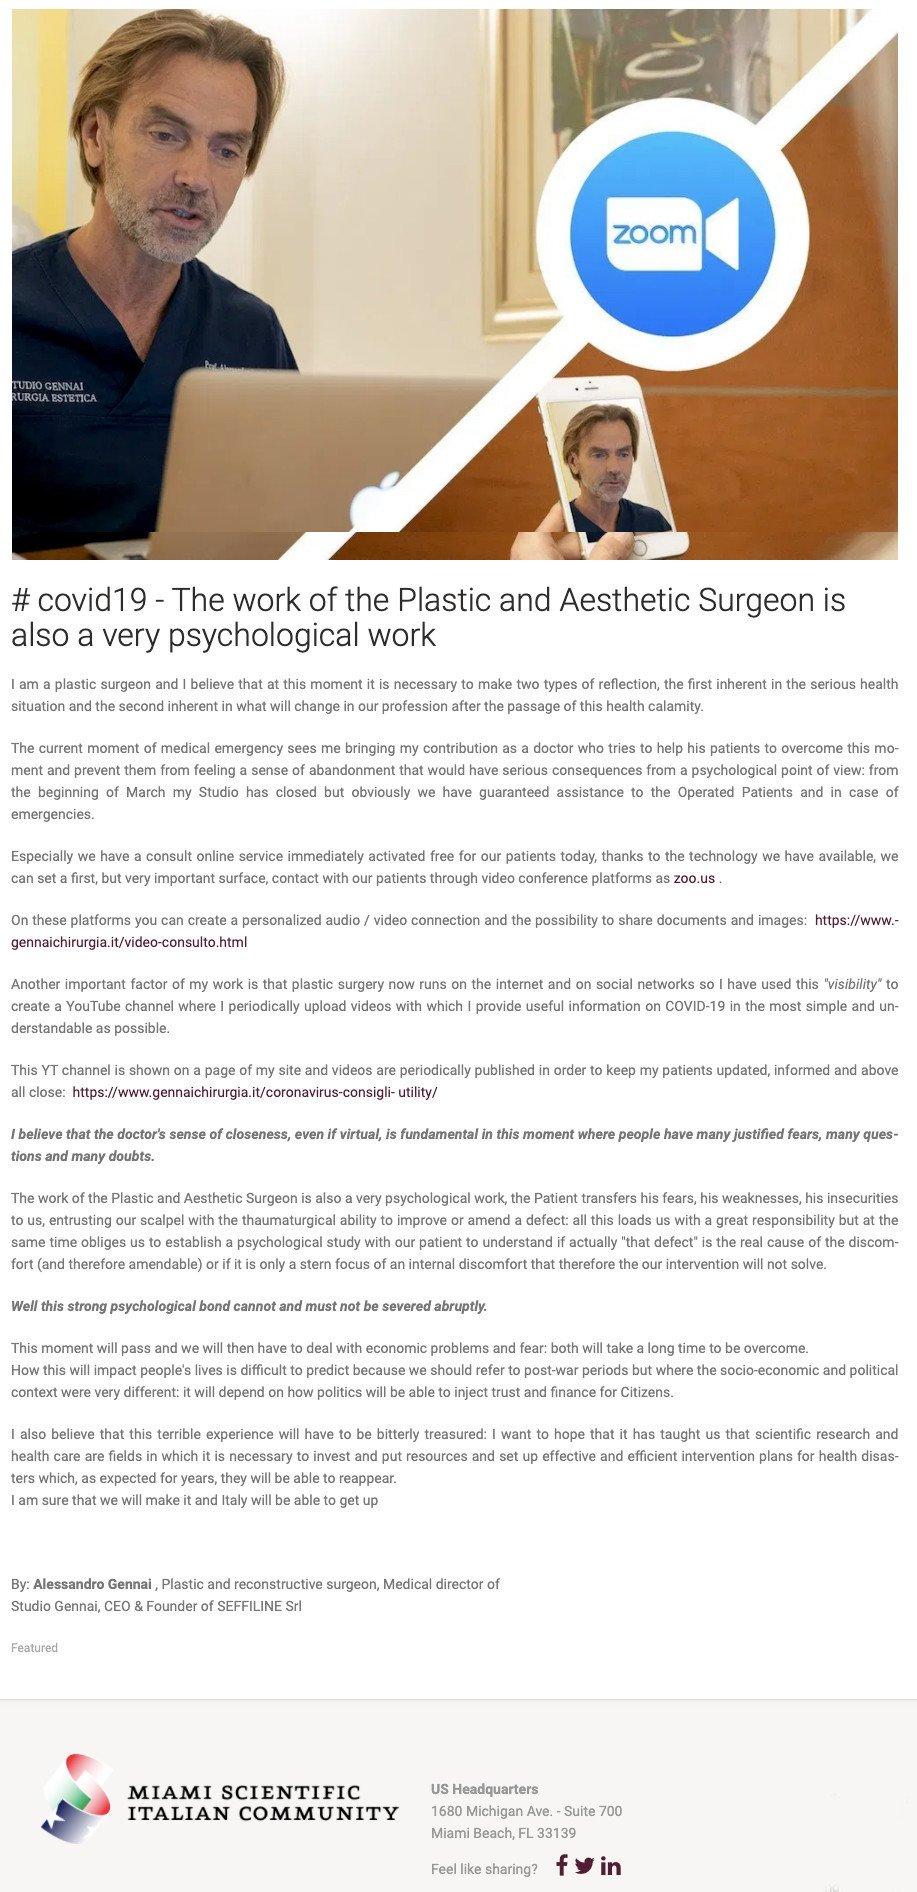 il lavoro del Chirurgo Plastico ed Estetico è un lavoro anche molto psicologico cover